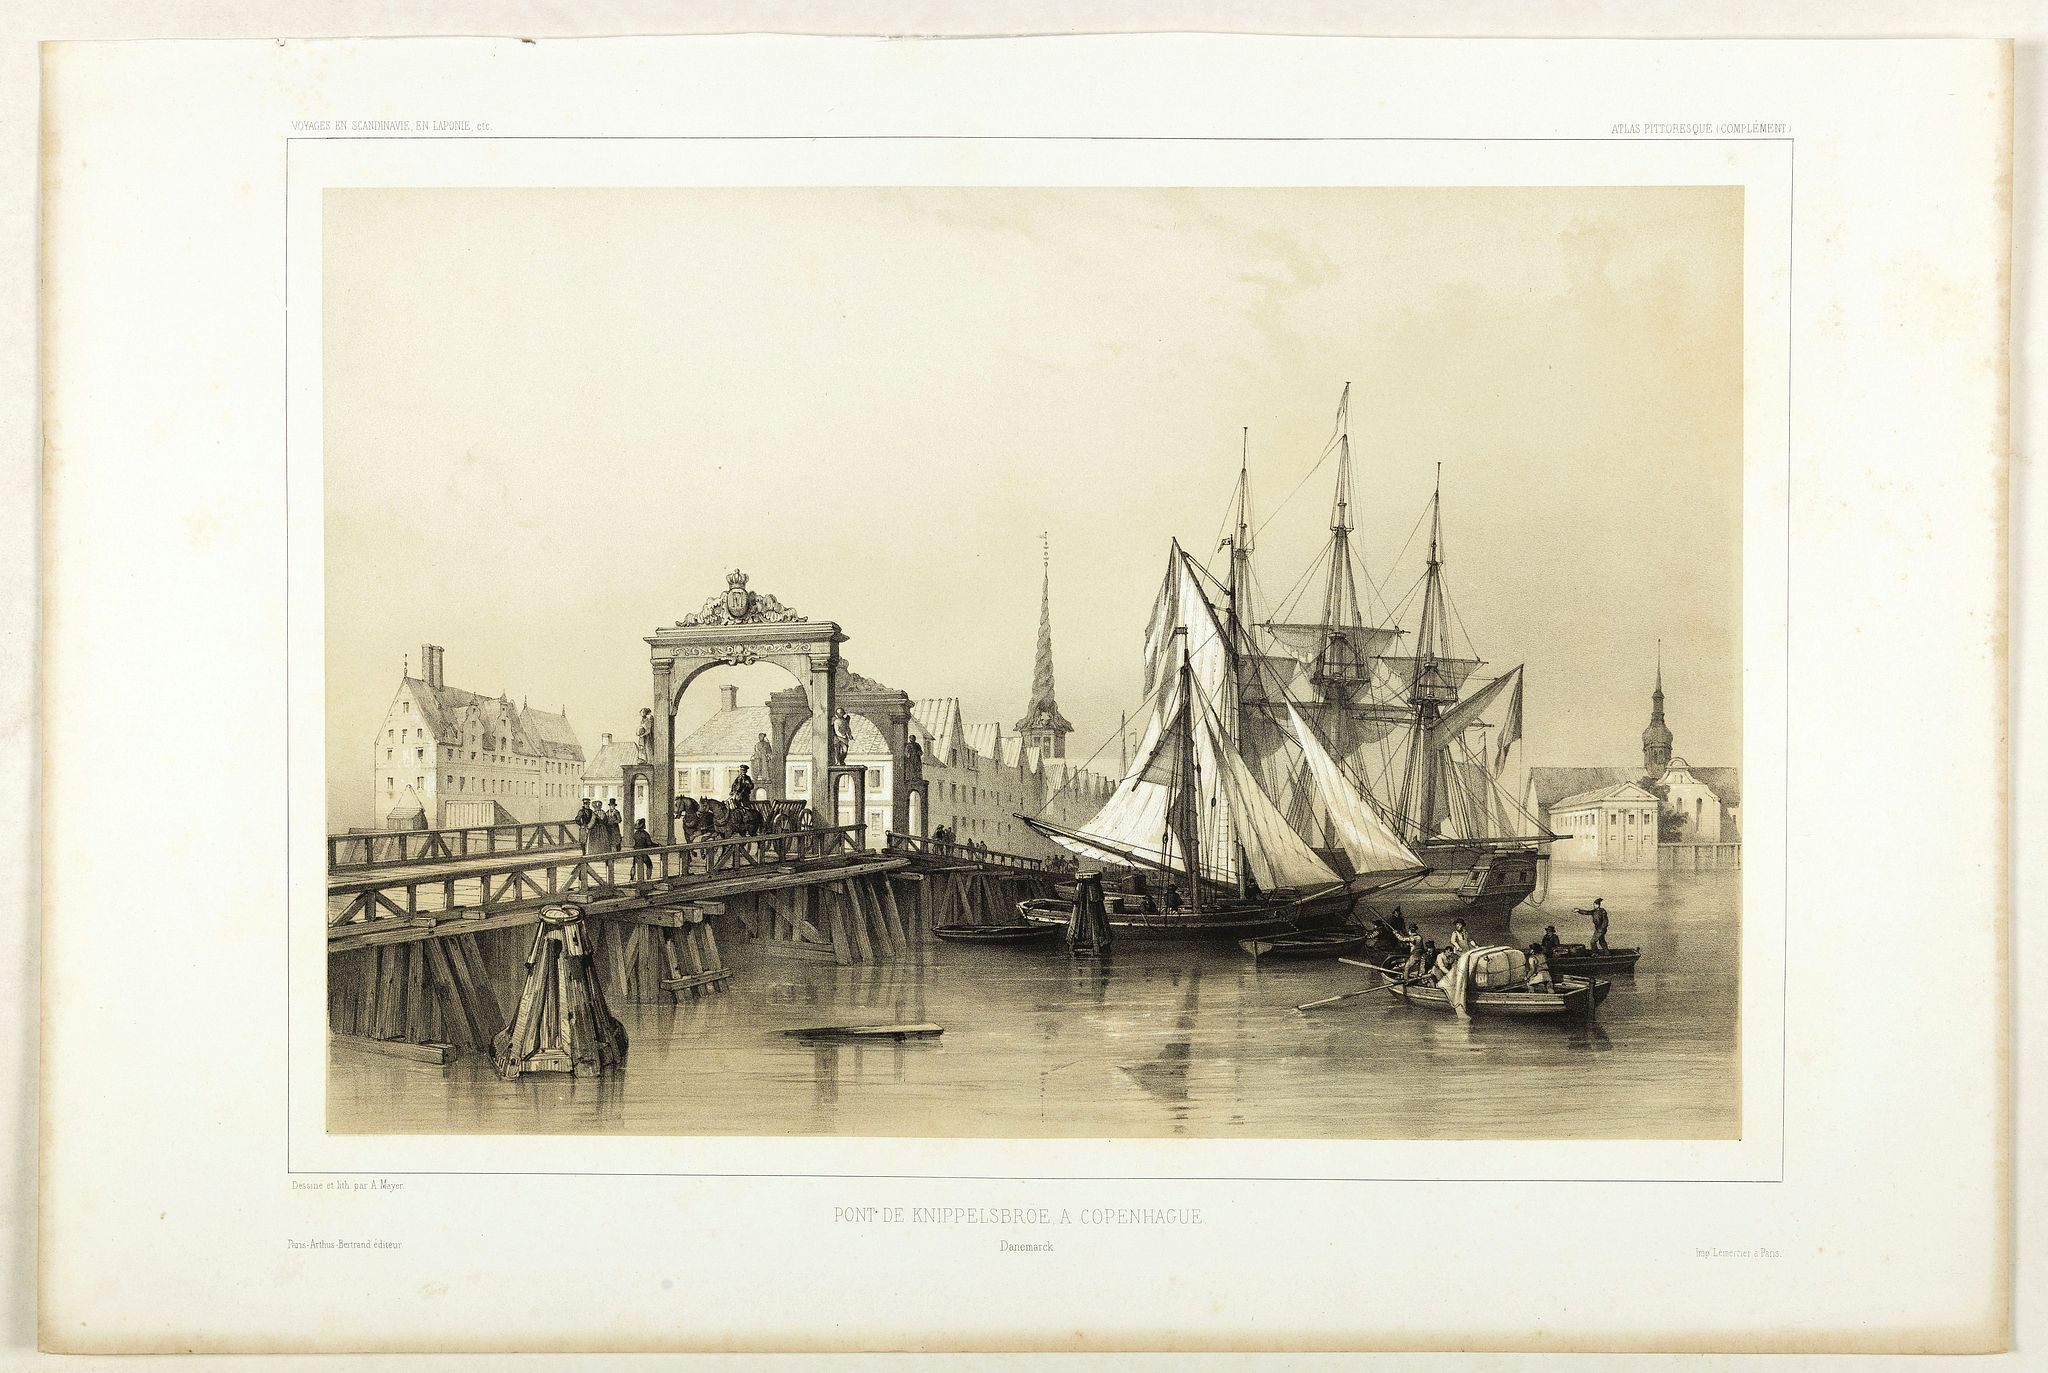 BERTRAND, Arthus. -  Pont de Knippelsbroe a Copenhague.